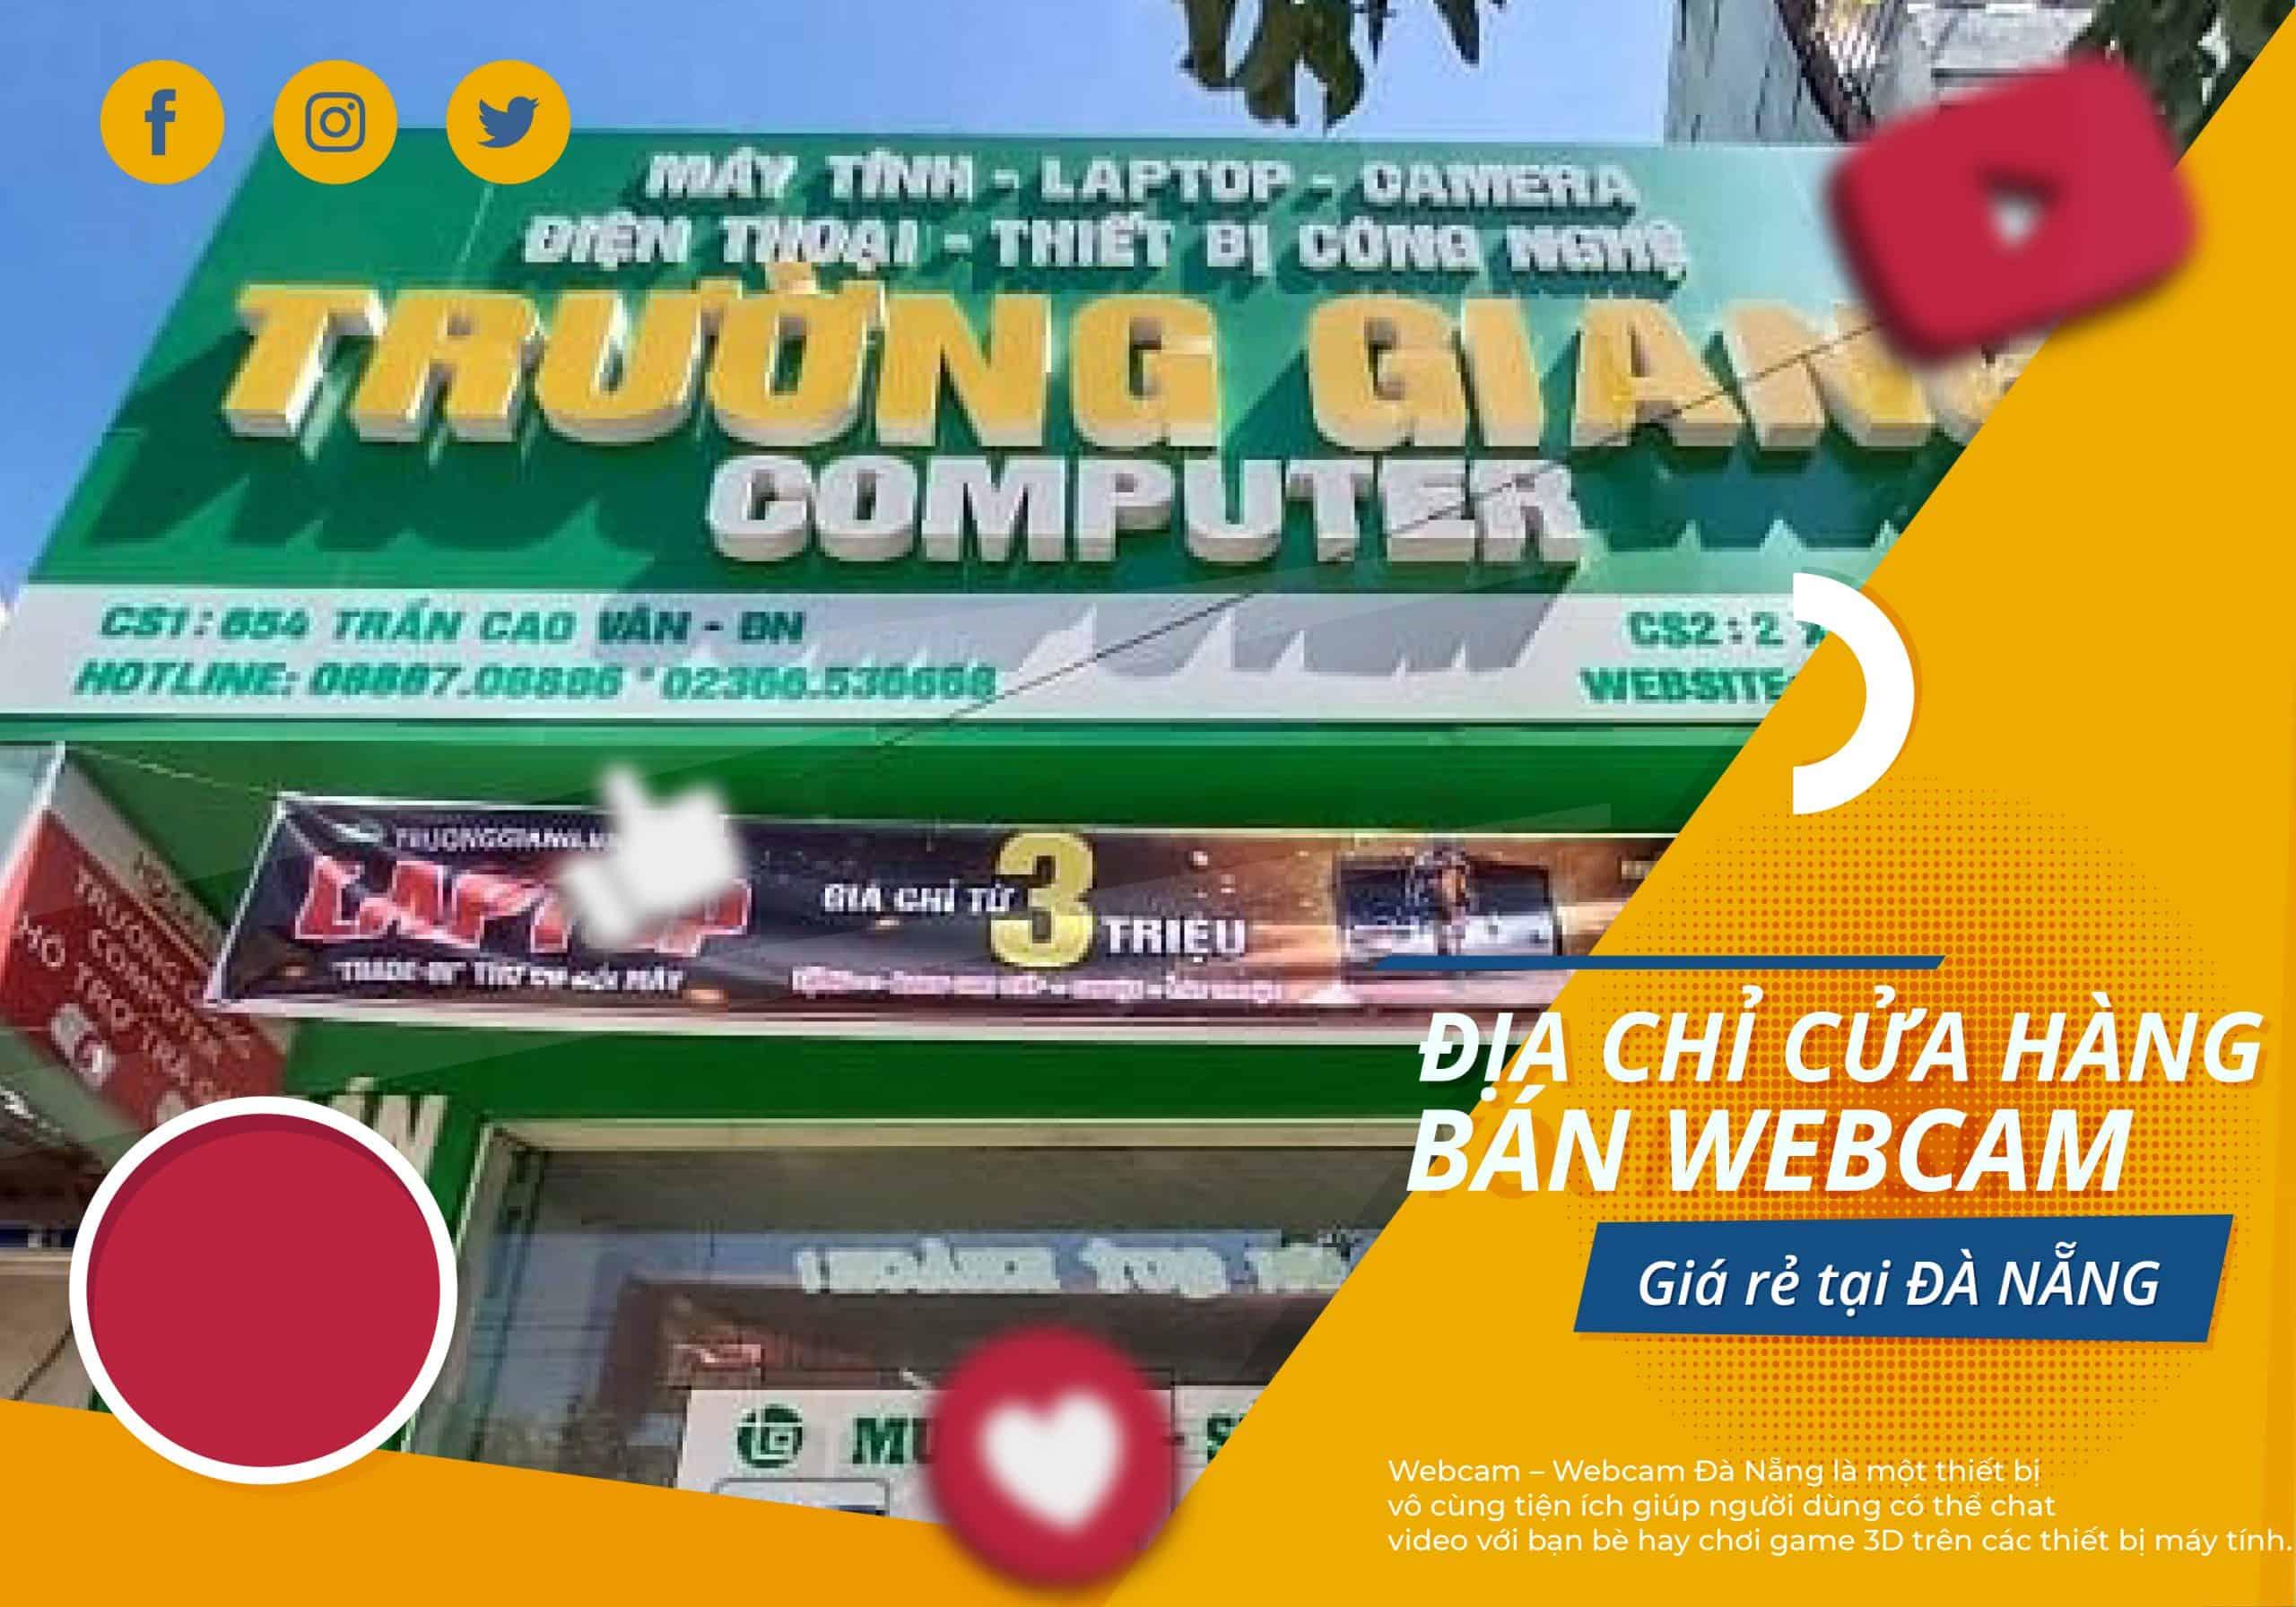 Đại chỉ cửa hàng bán Webcam Đà Nẵng giá rẻ